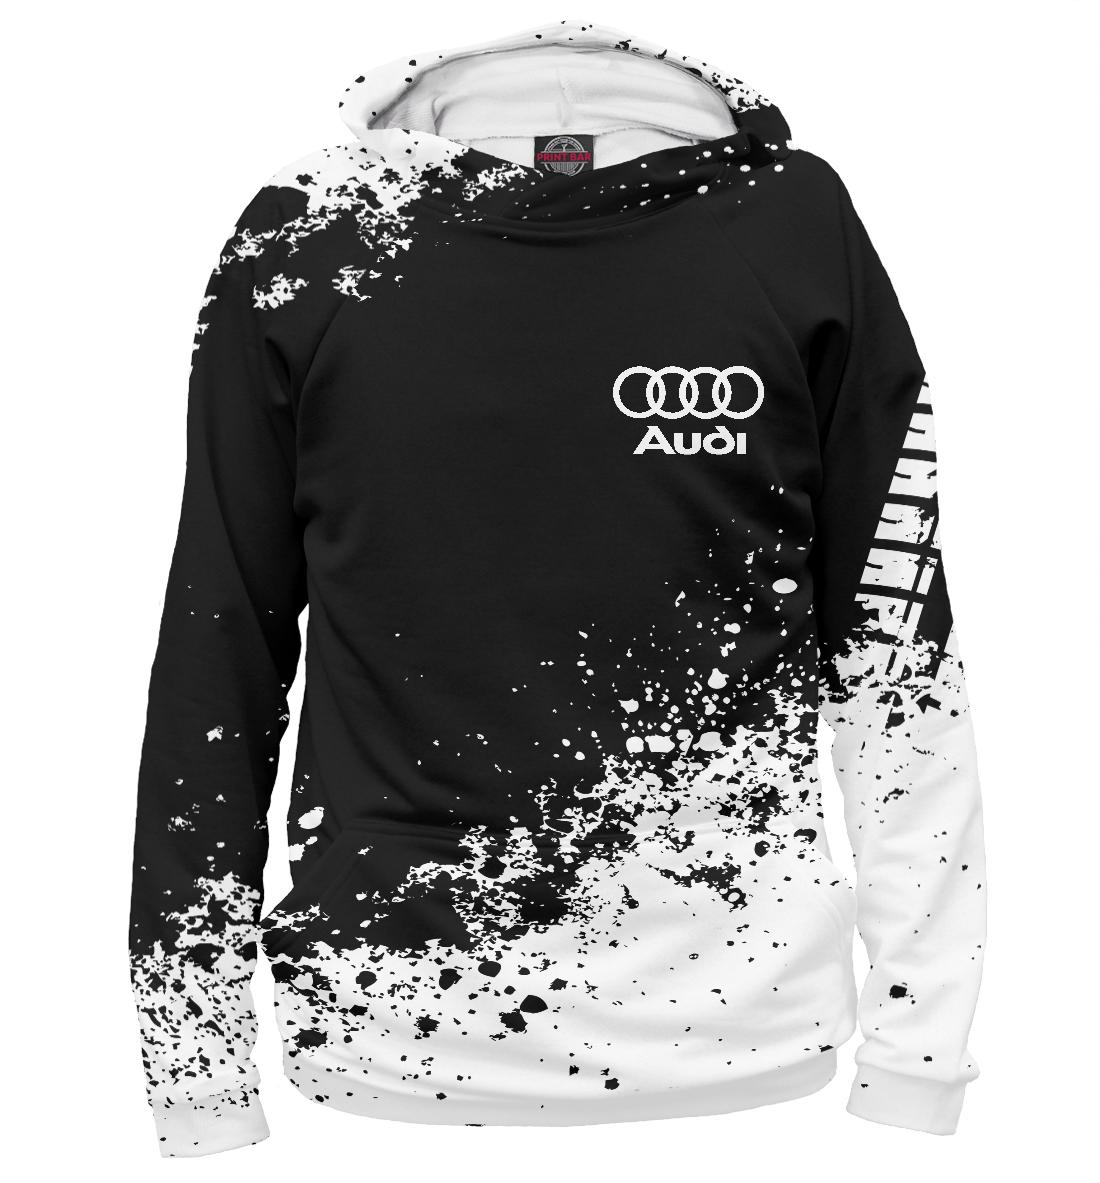 Купить Audi abstract sport uniform, Printbar, Худи, AUD-943965-hud-2